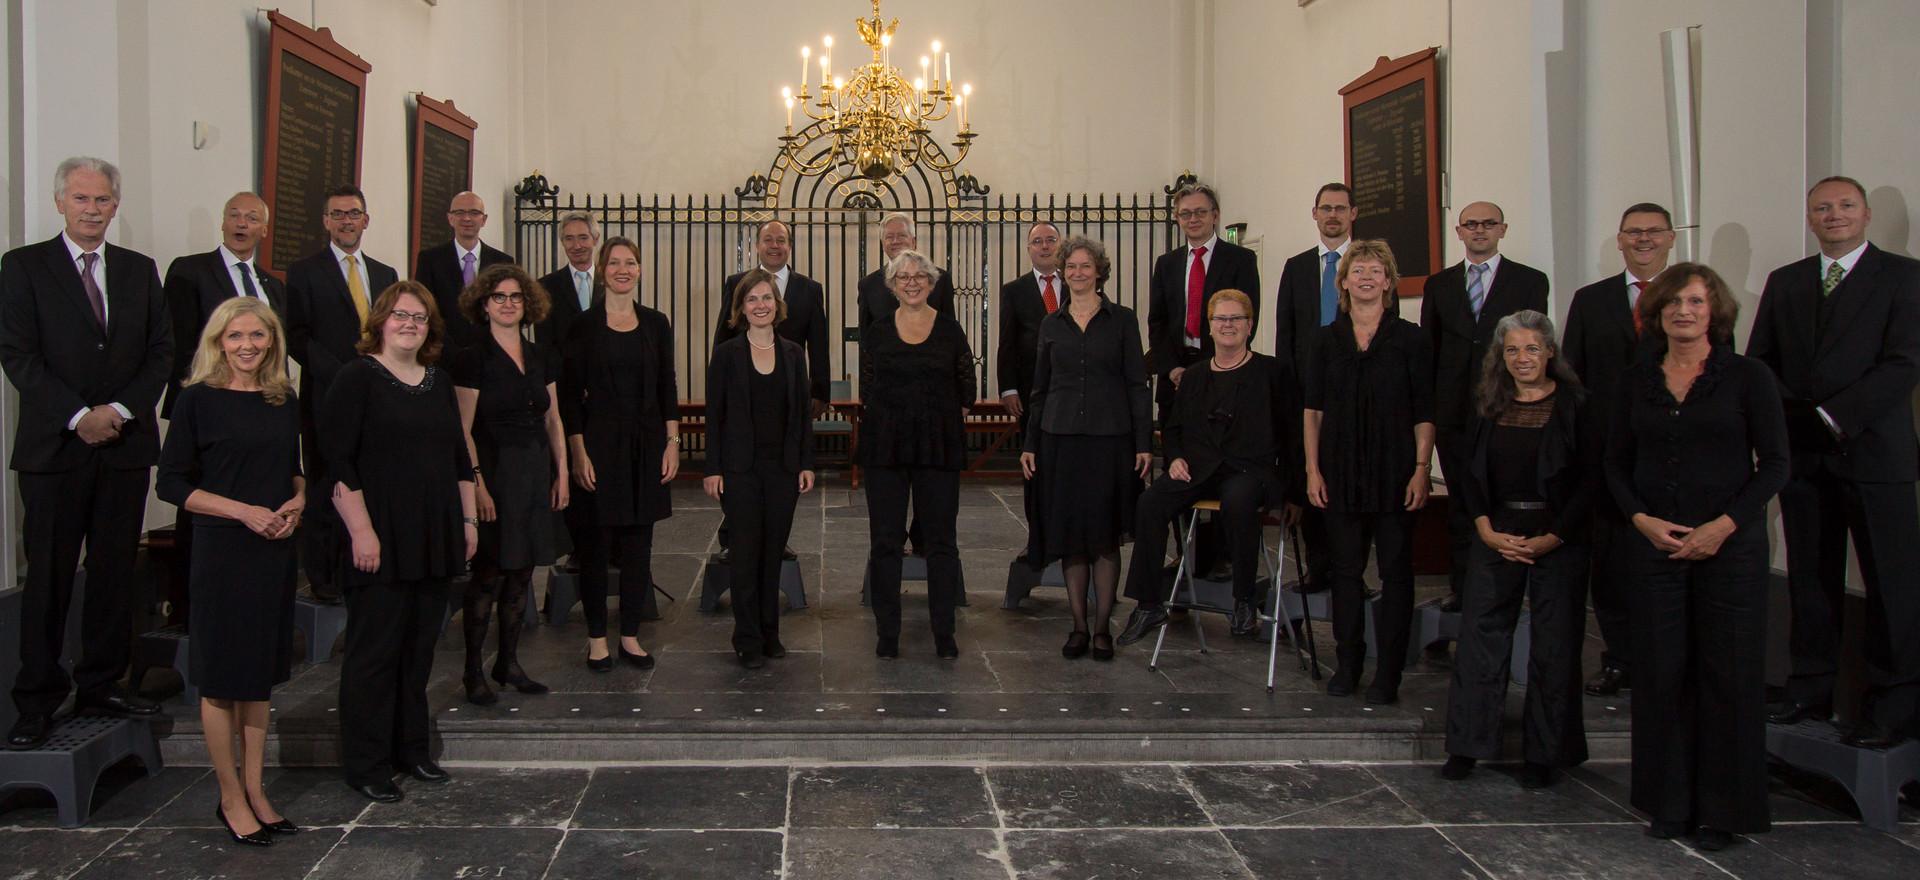 WBE 21 mei 2016 Oude Kerk Zoetermeer.jpg